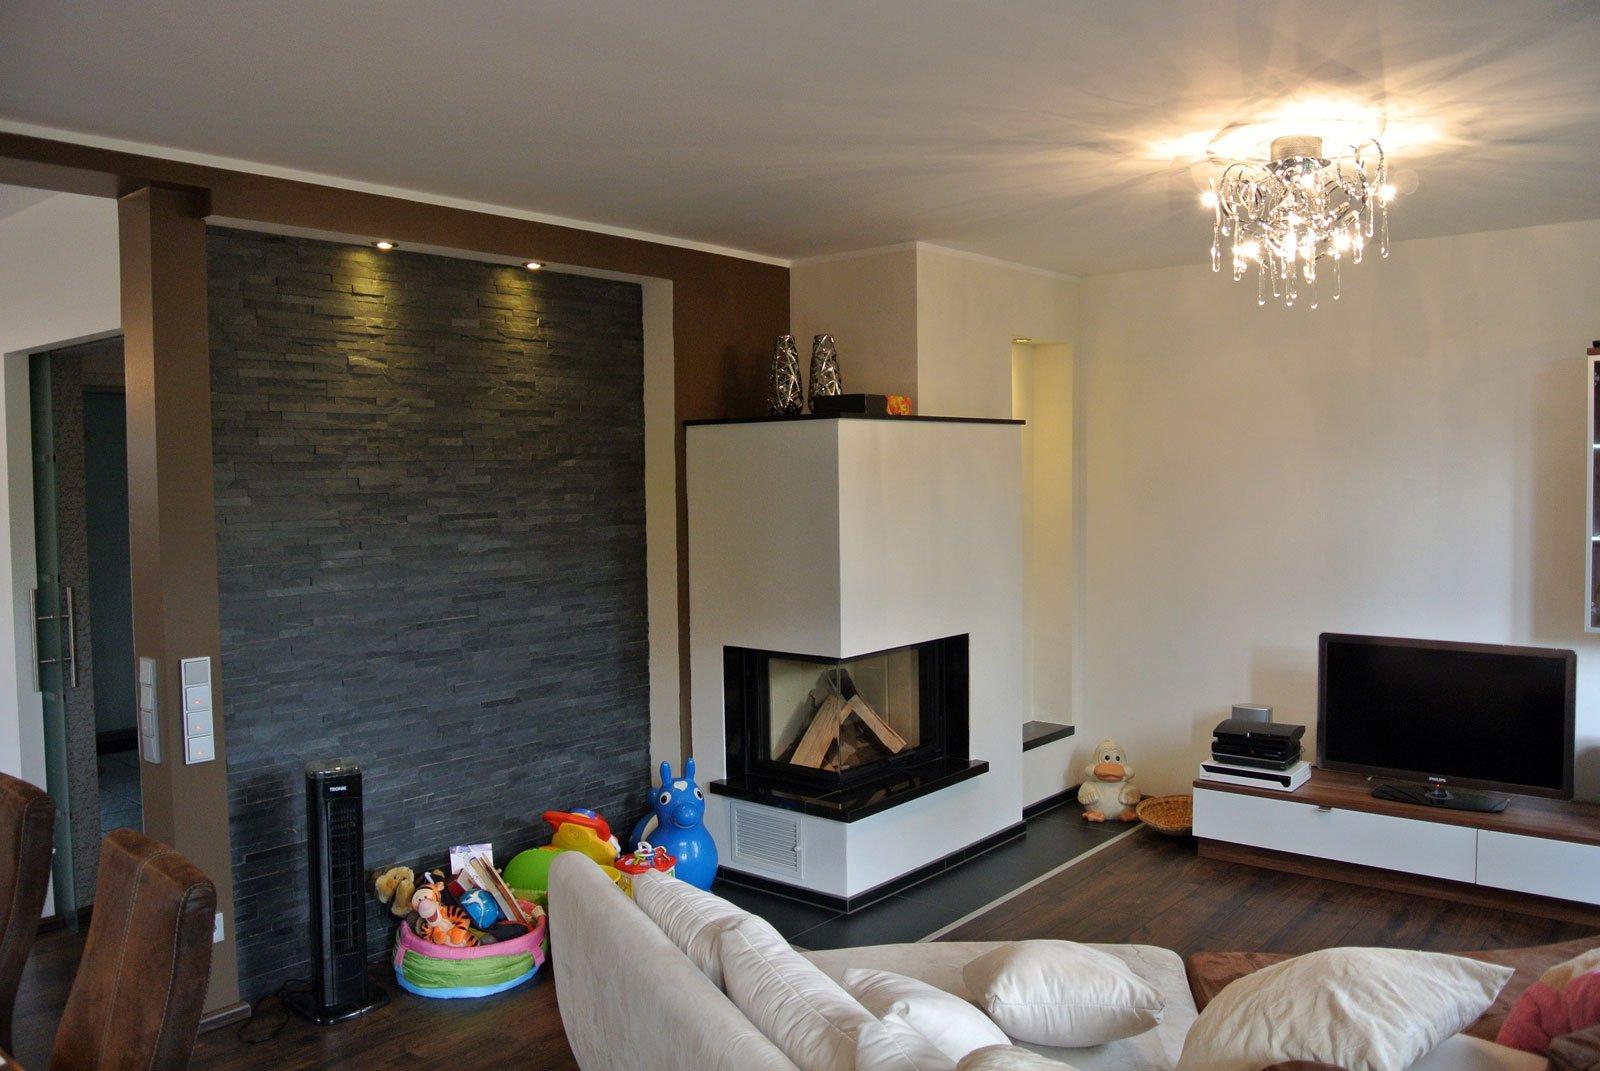 Esszimmer Im Wohnzimmer - Design